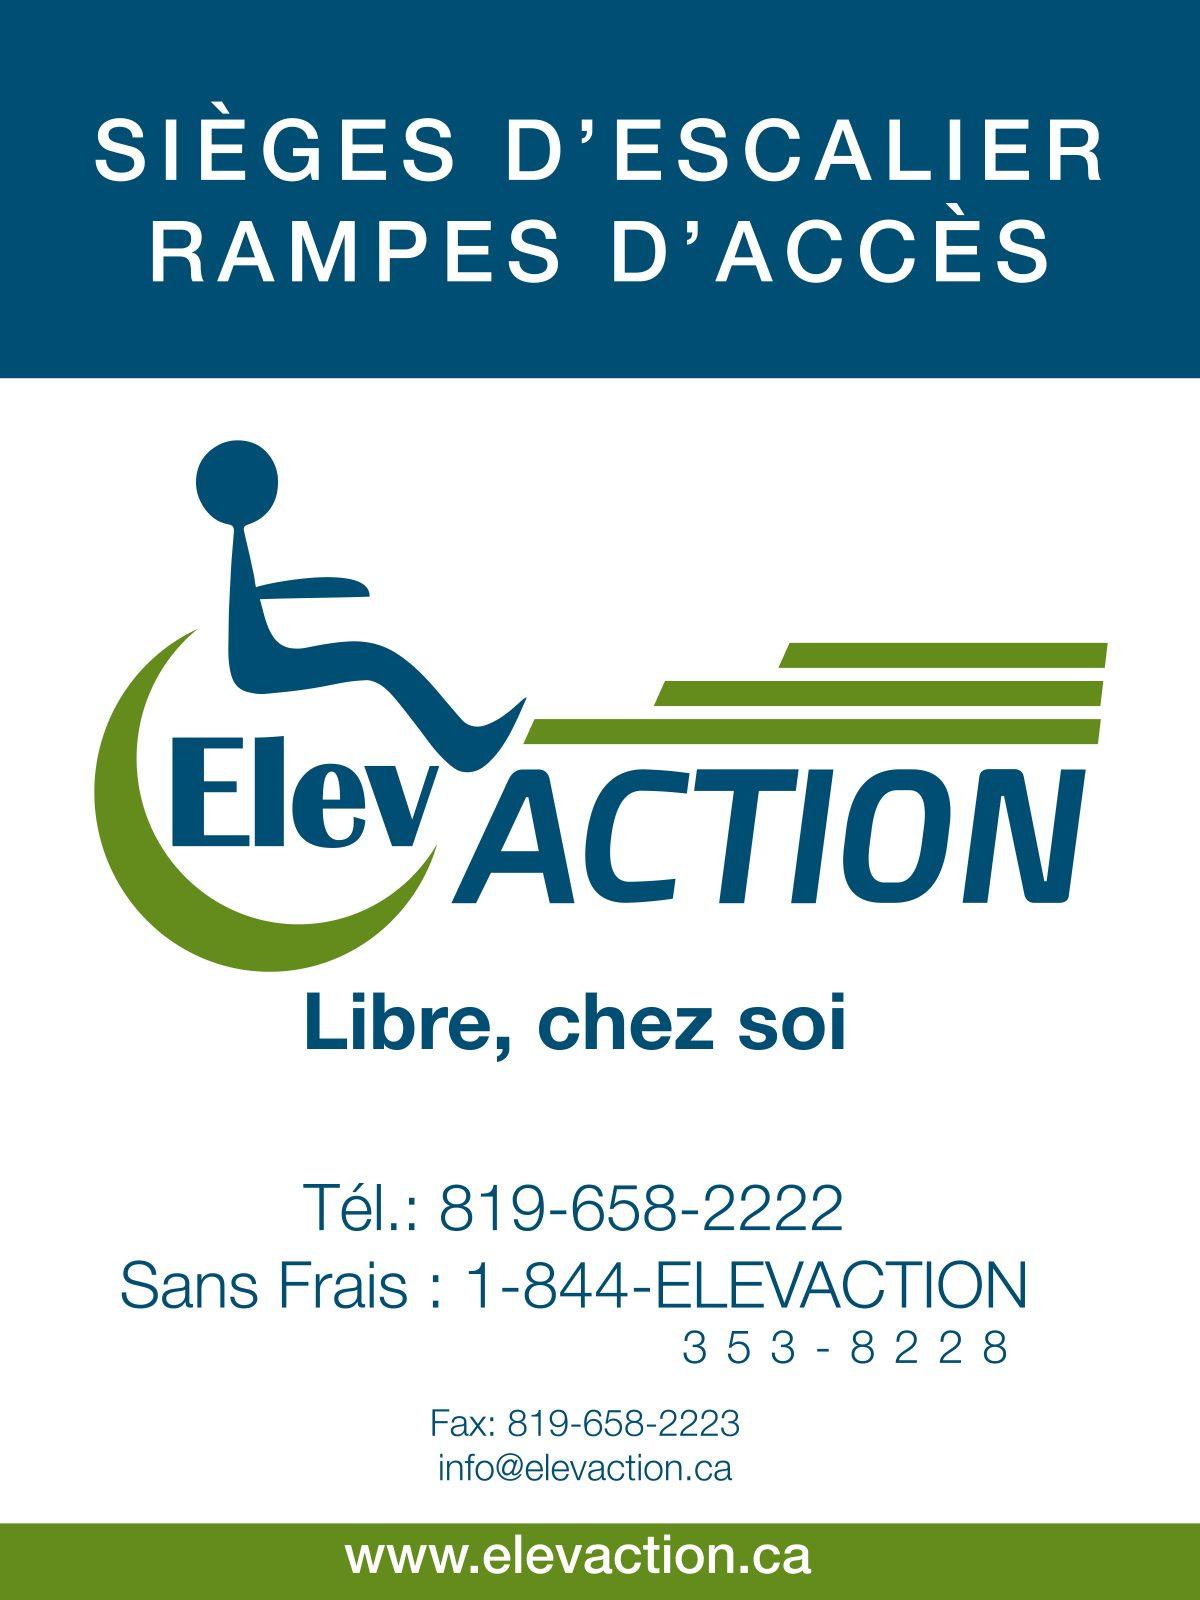 Élévaction, libre chez soi : sièges d'escalier, ascenseurs, lève-personnes, plateformes élévatrices